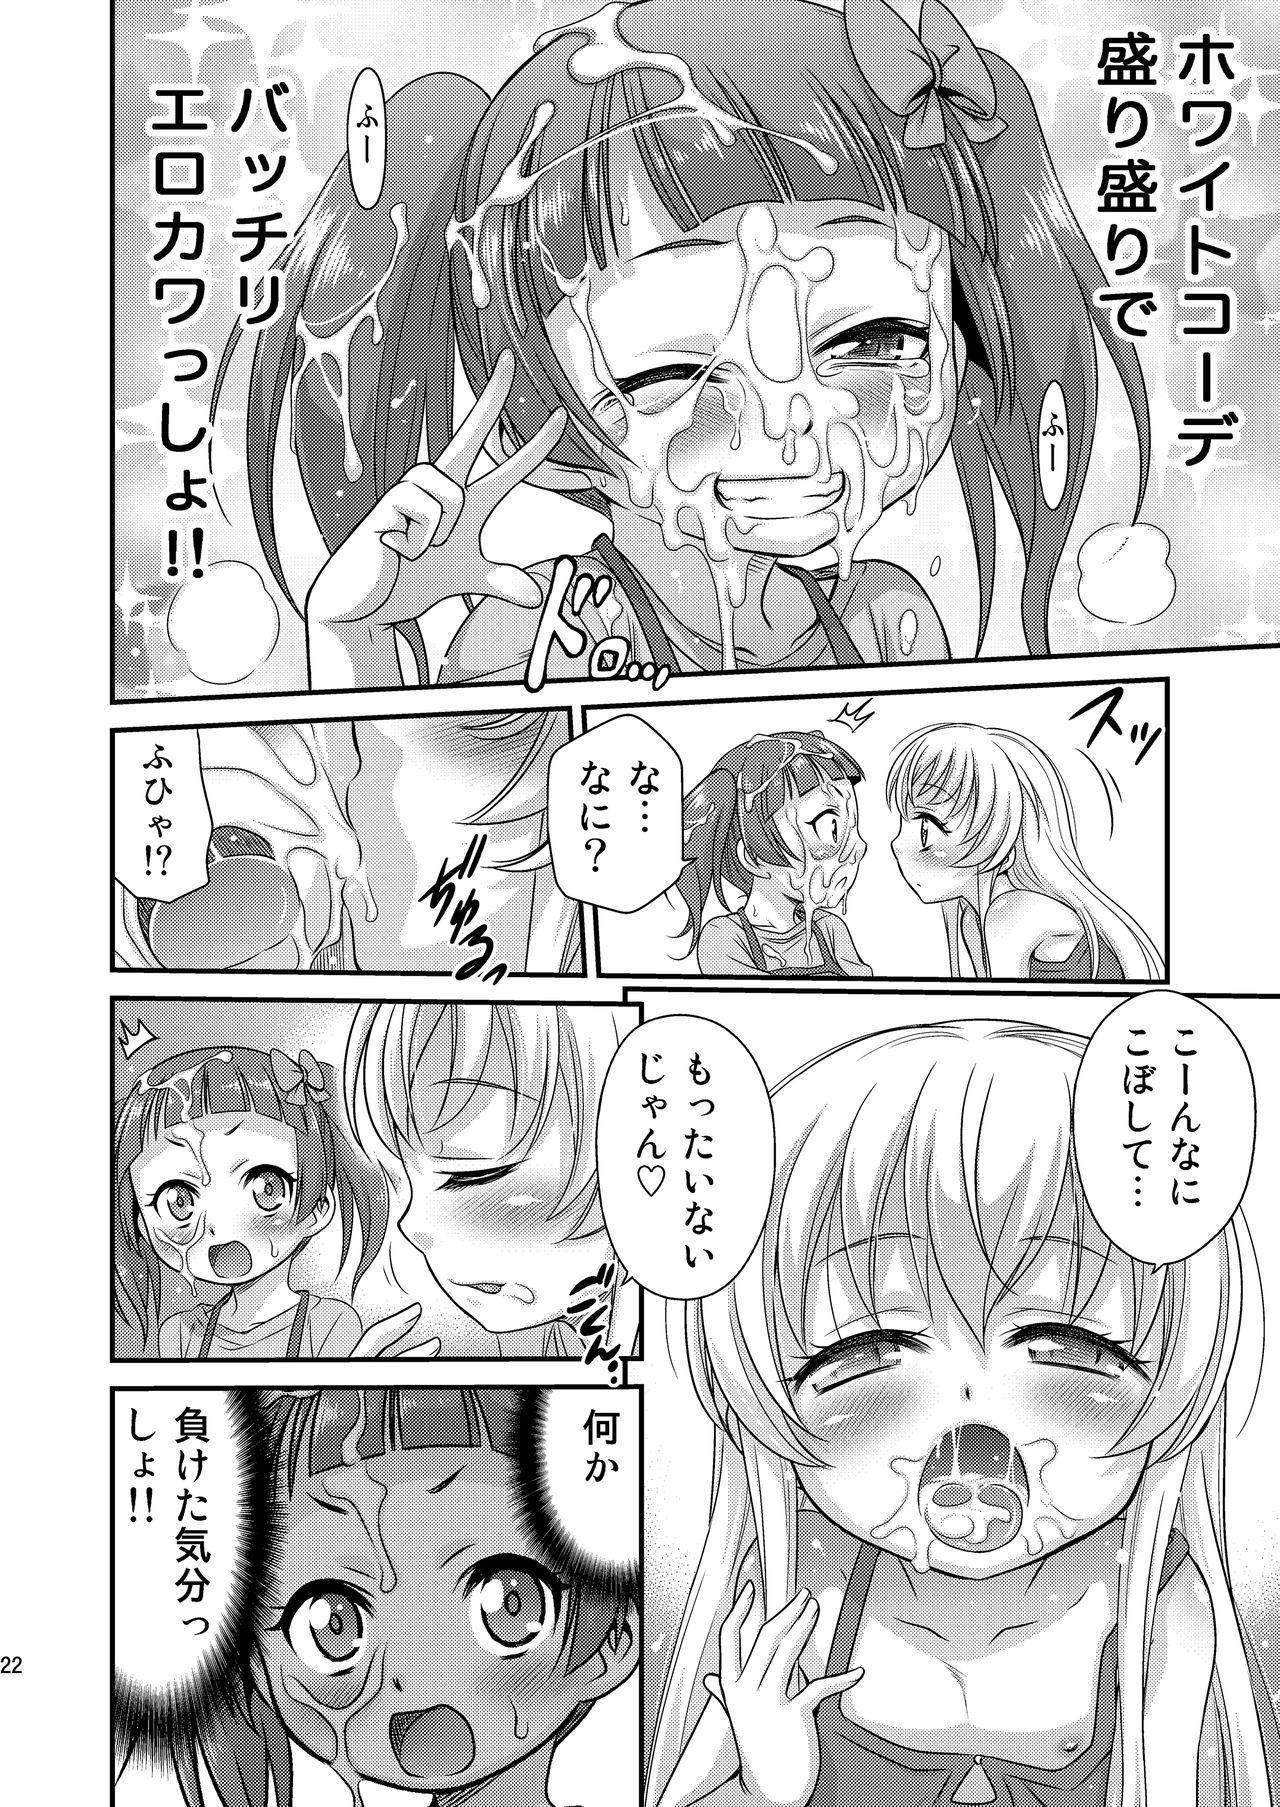 Saotsuki Maid ni Moteasobarete Imasu! 21